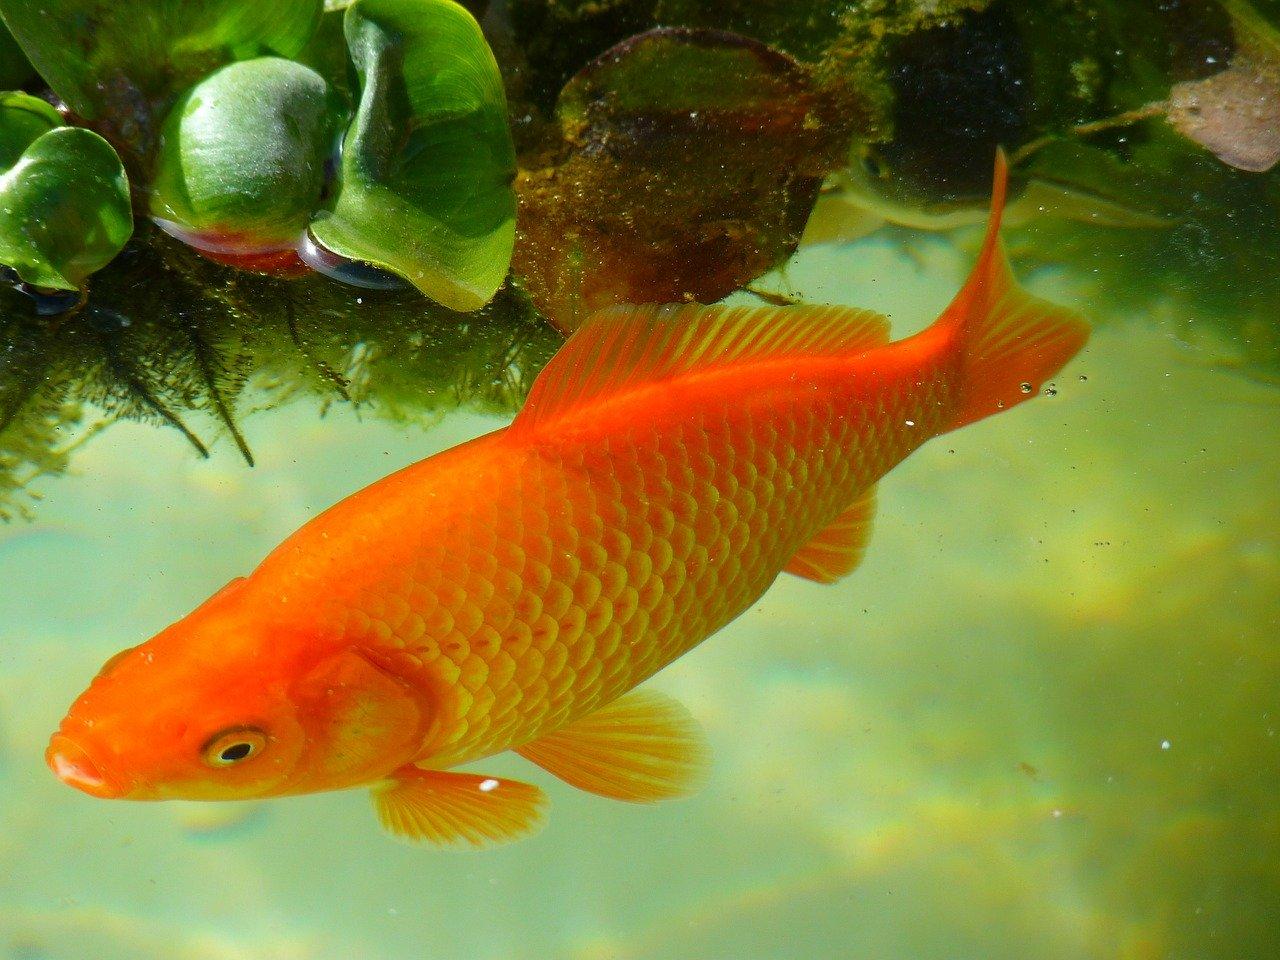 Poisson rouge ou combattant, quel poisson choisir?